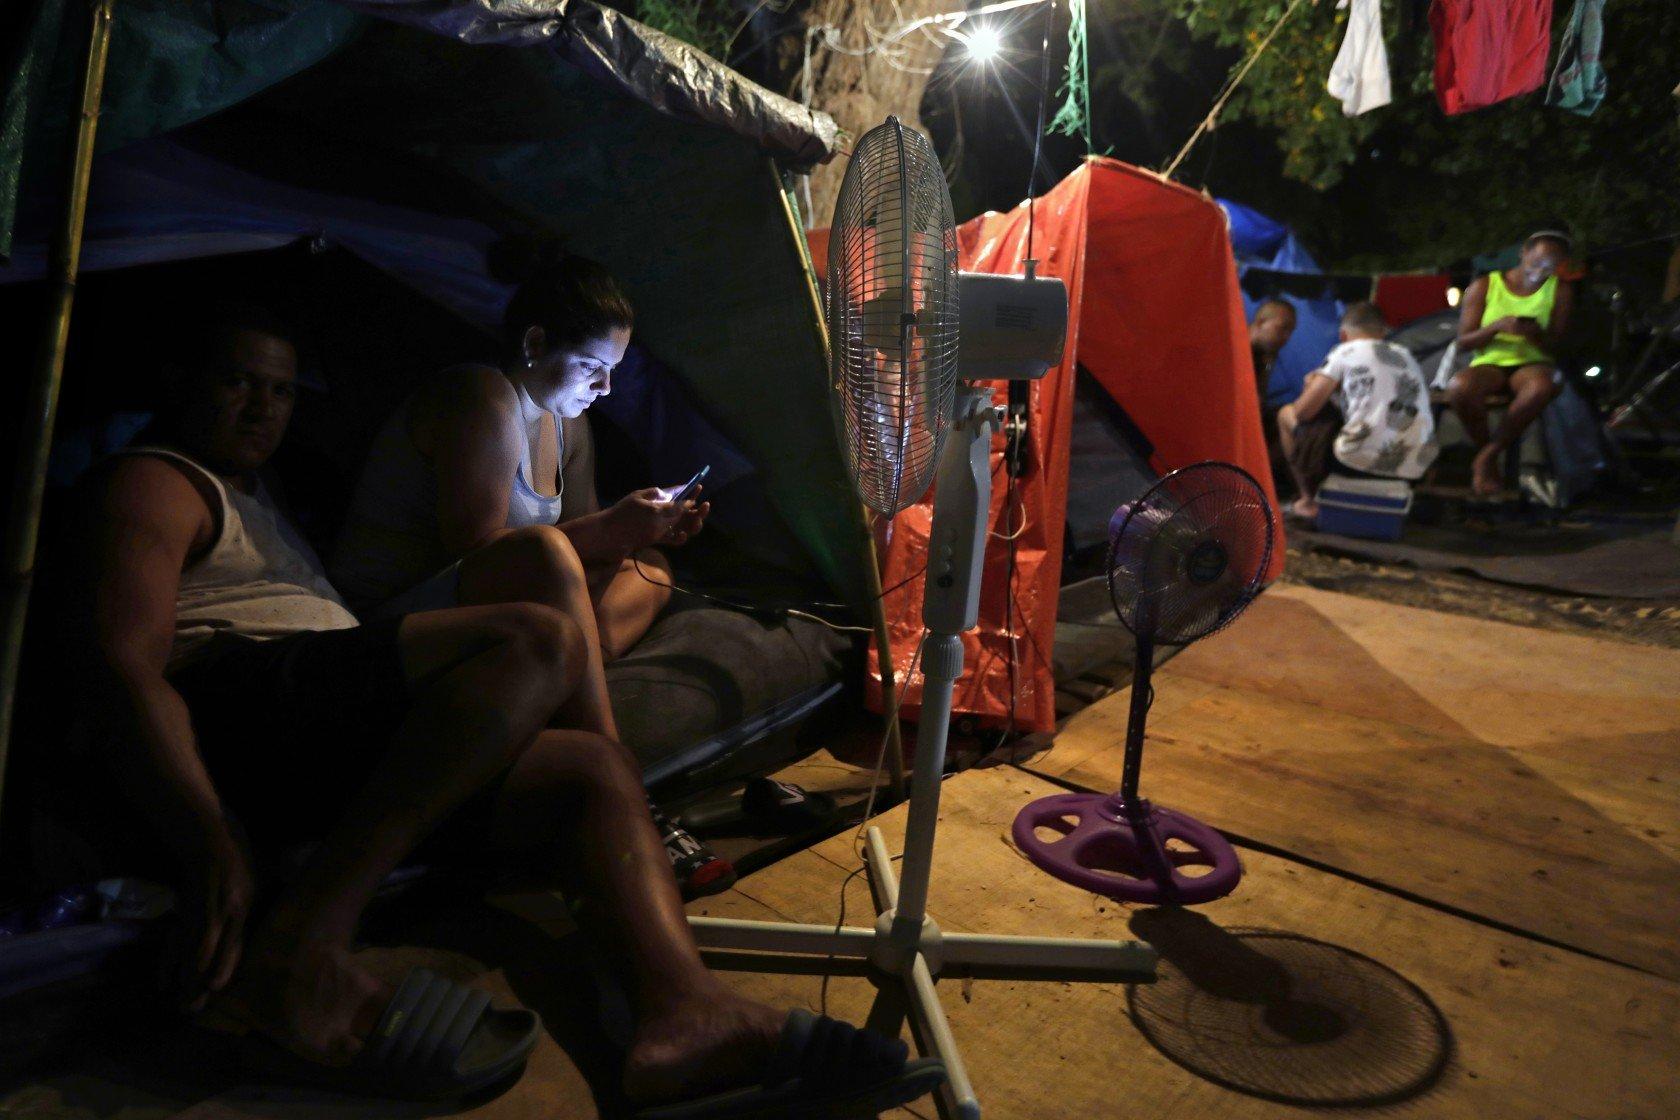 Migrantes cubanos en México que esperan para poder solicitar asilo en los Estados Unidos. Foto: Carolyn Cole / Los Angeles Times.